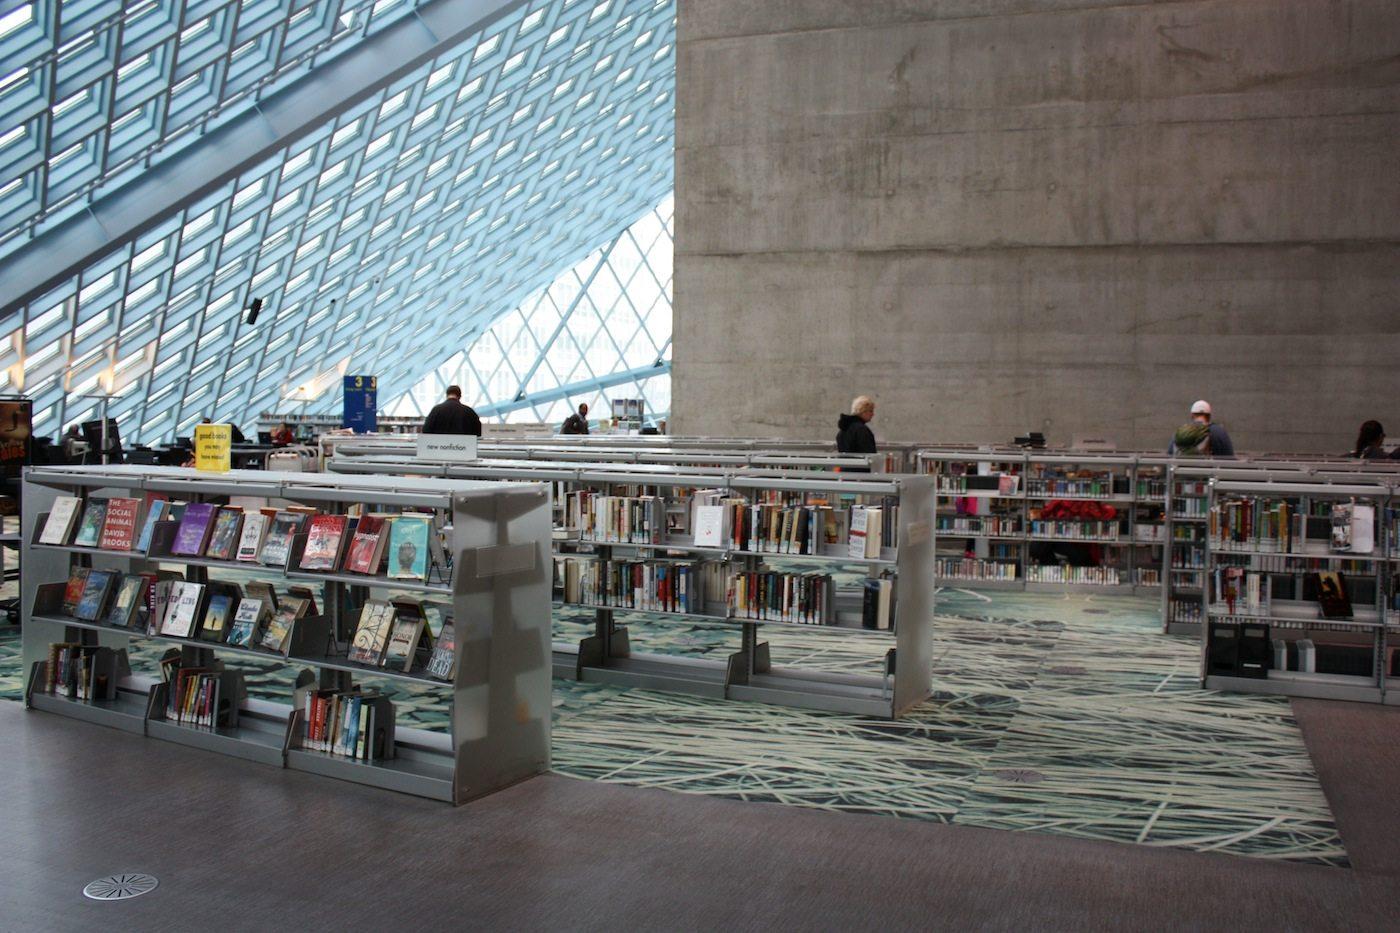 Seattle Central Library. ... das Glas- und Stahlgebäude wurde durch die Architekten Rem Koolhaas und Joshua Prince-Ramus im Stil des Dekonstruktivismus entworfen.